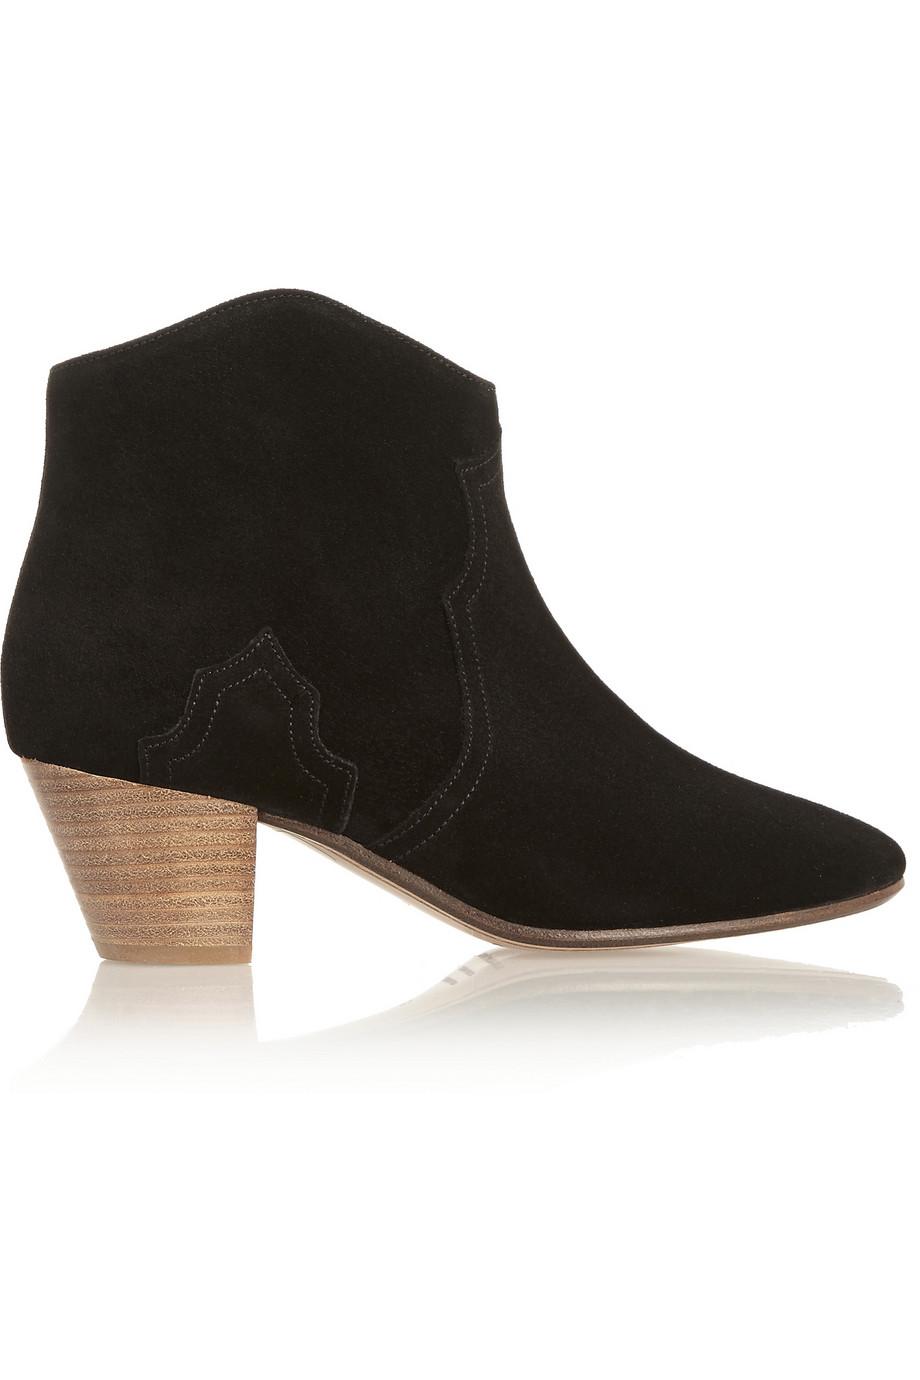 Isabel Marant - boots (370€)